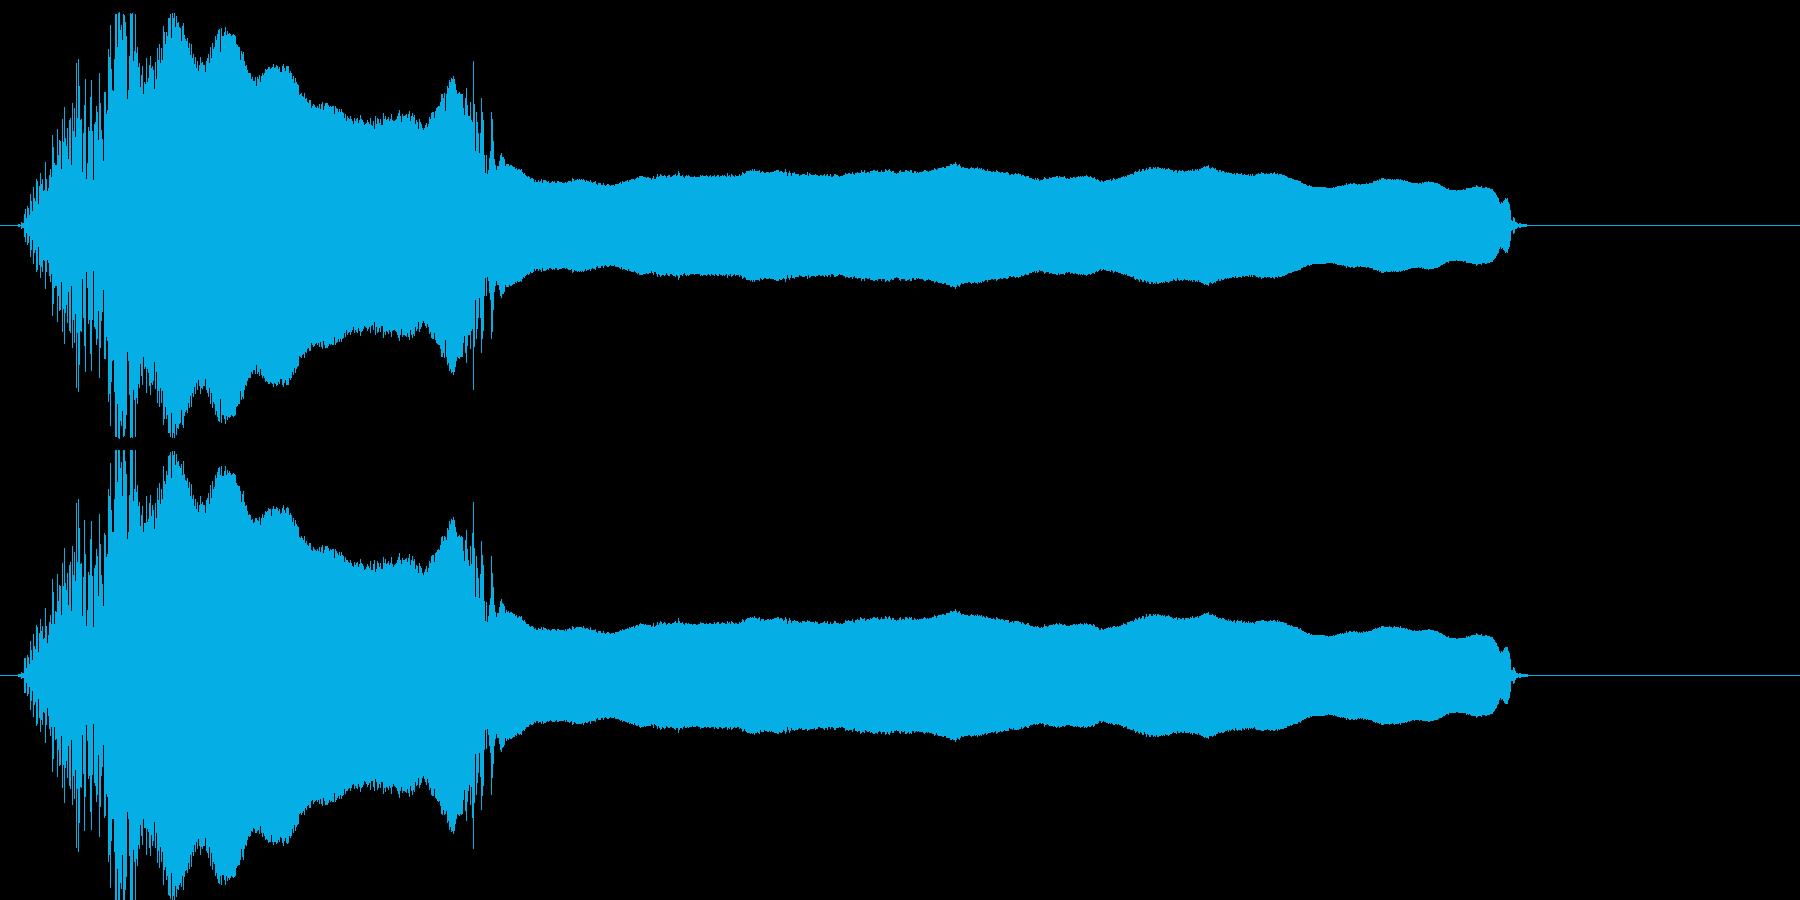 「イヨー」の再生済みの波形